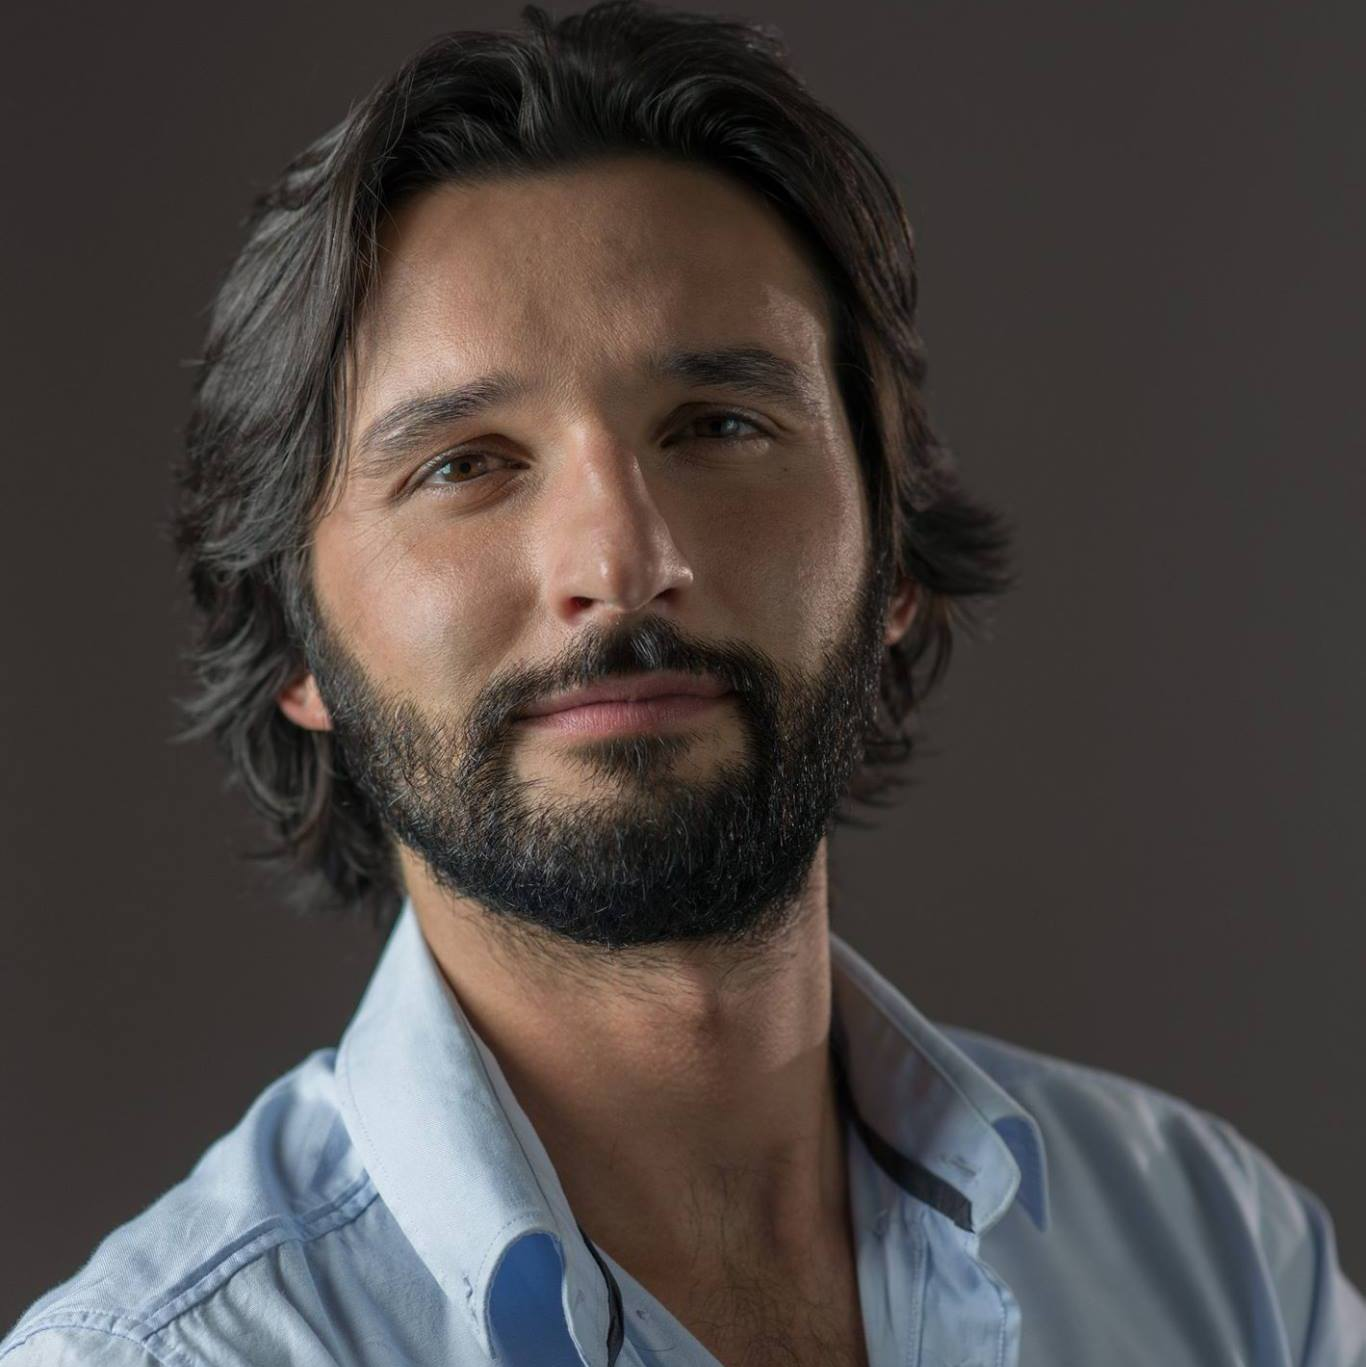 Maurizio Pulina